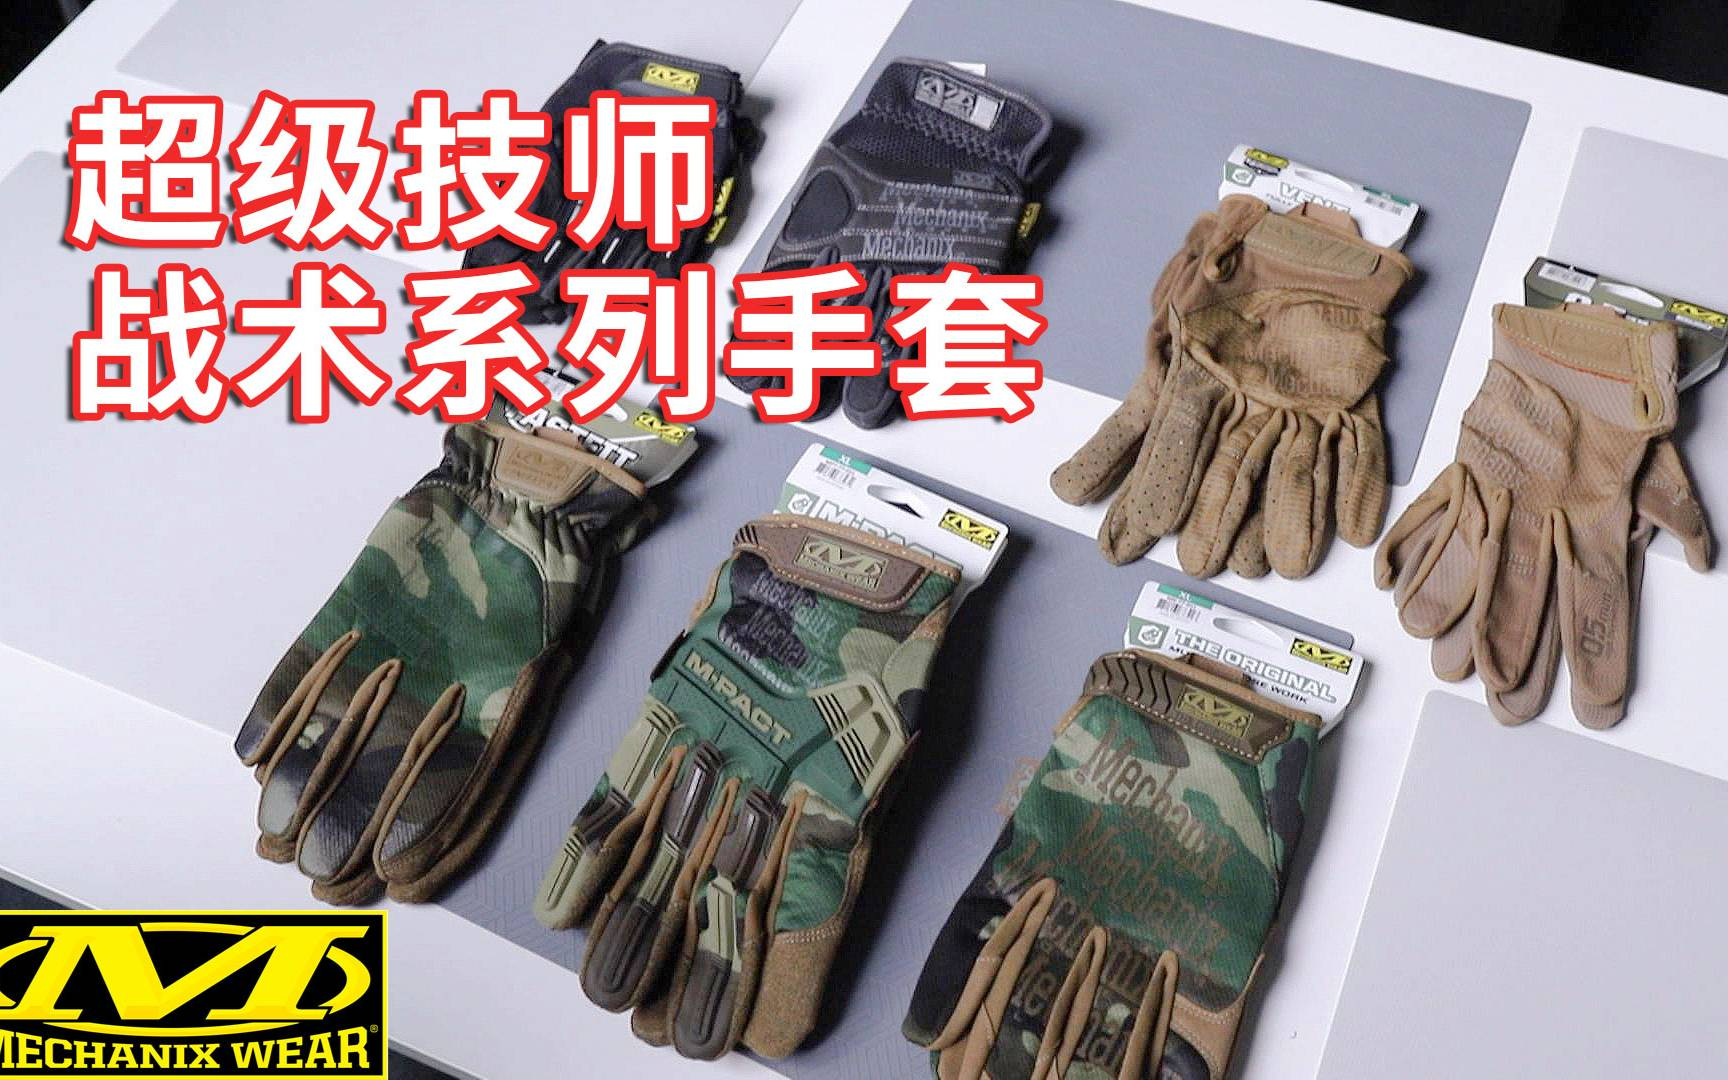 超级技师 战术系列经典款手套入坑参考 Mechanix Wear